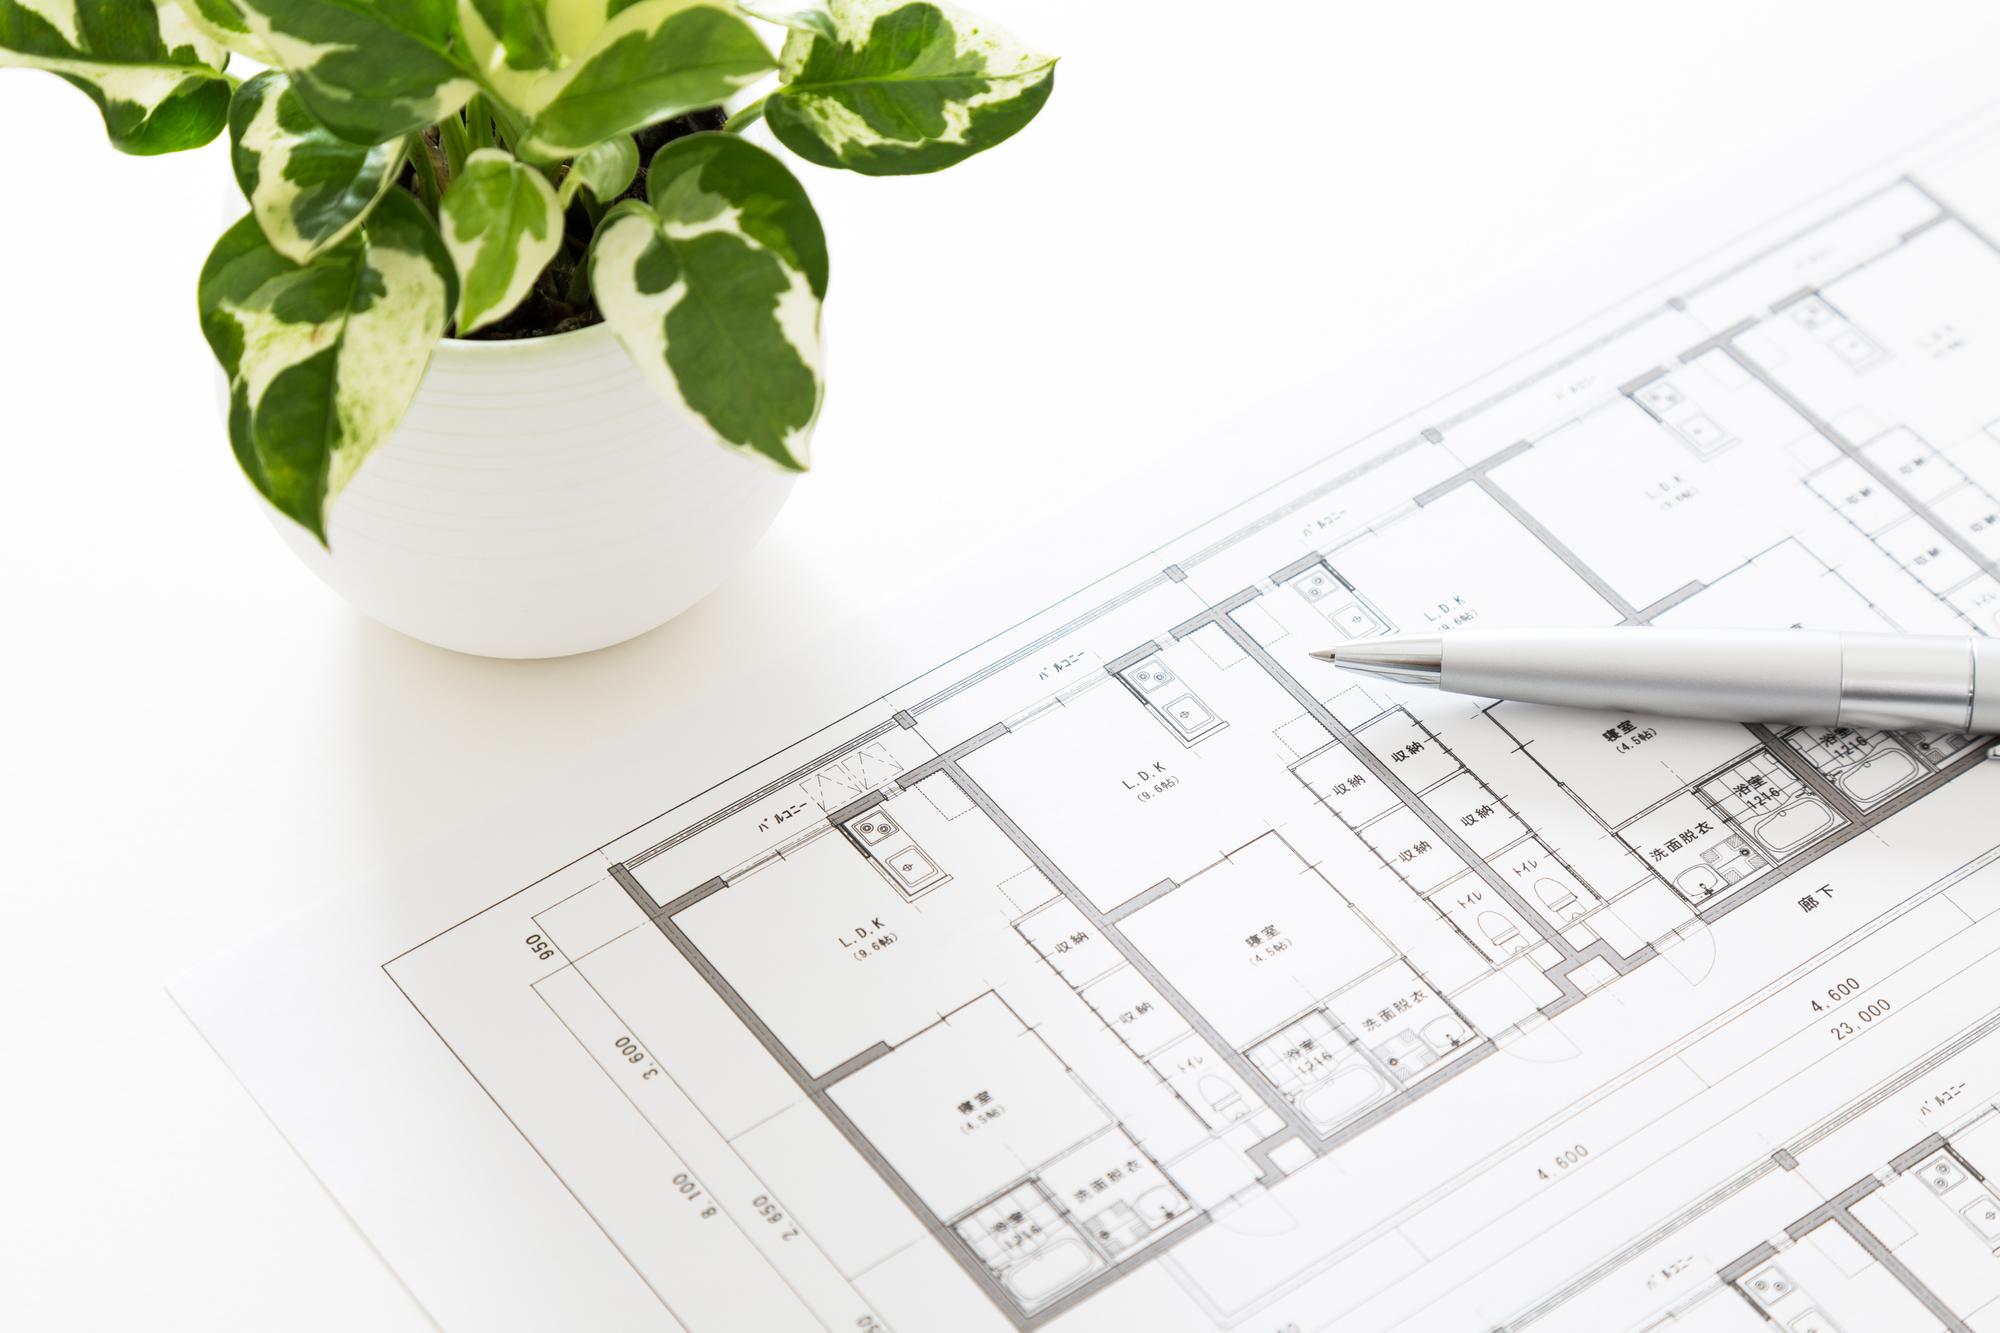 大手建設会社が「新築・木造・3階建てアパート」に消極的な理由